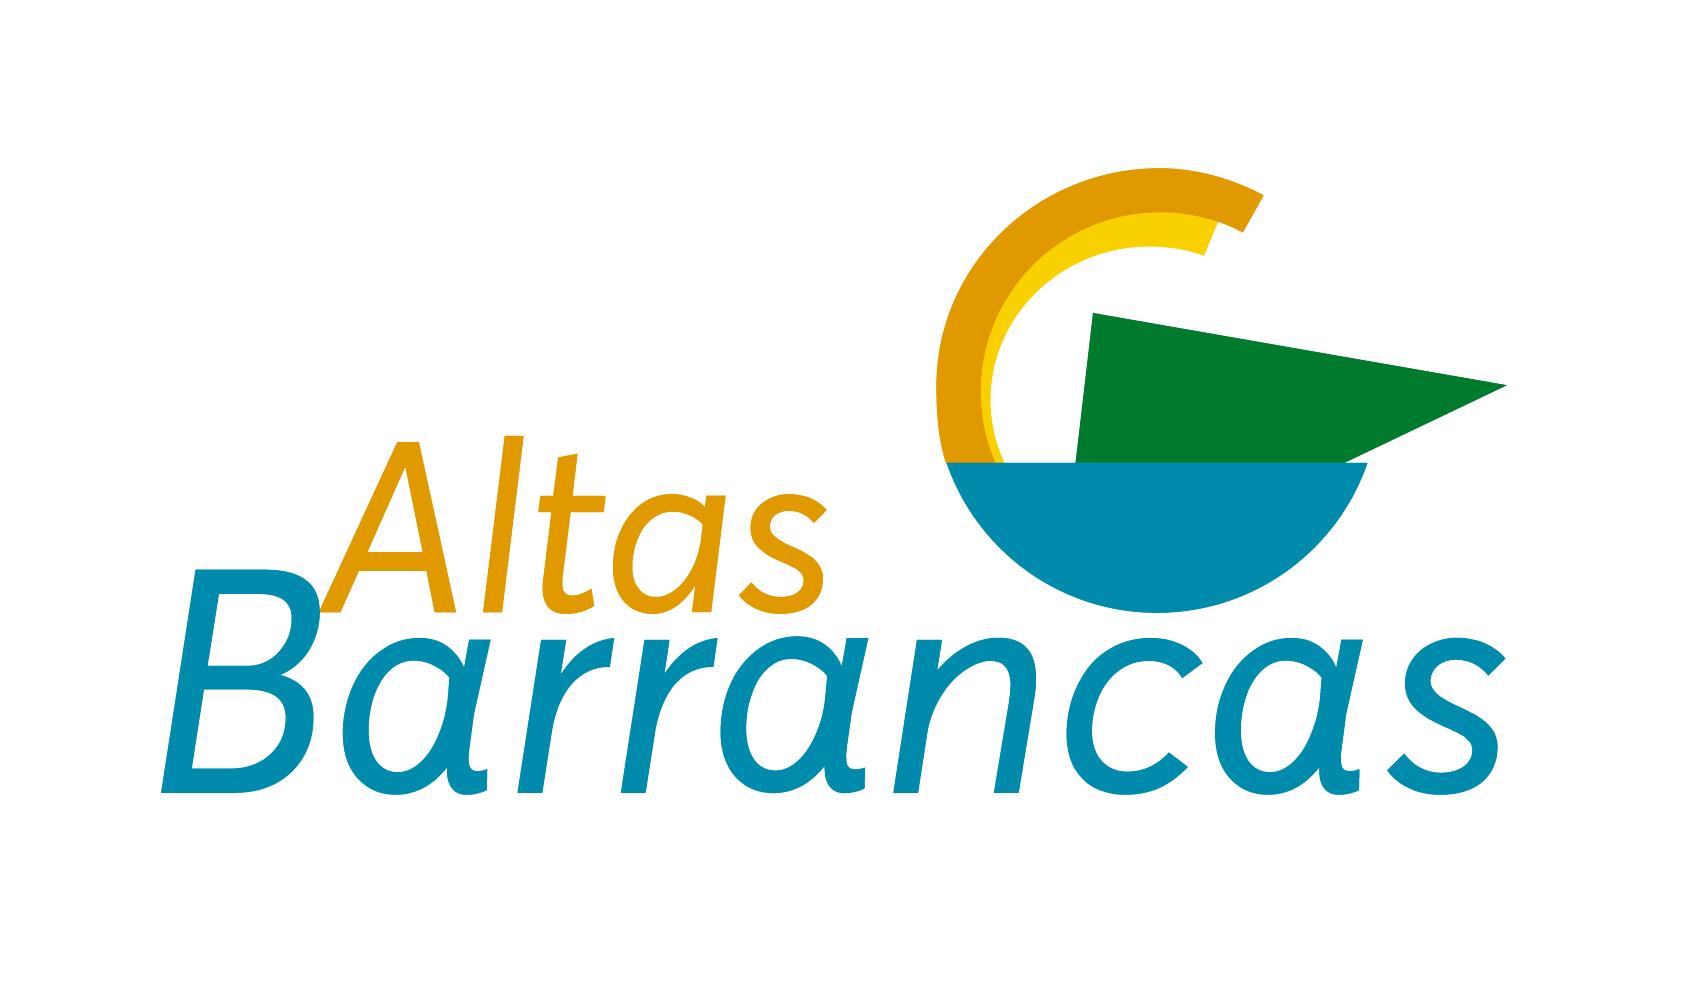 Altas Battancas